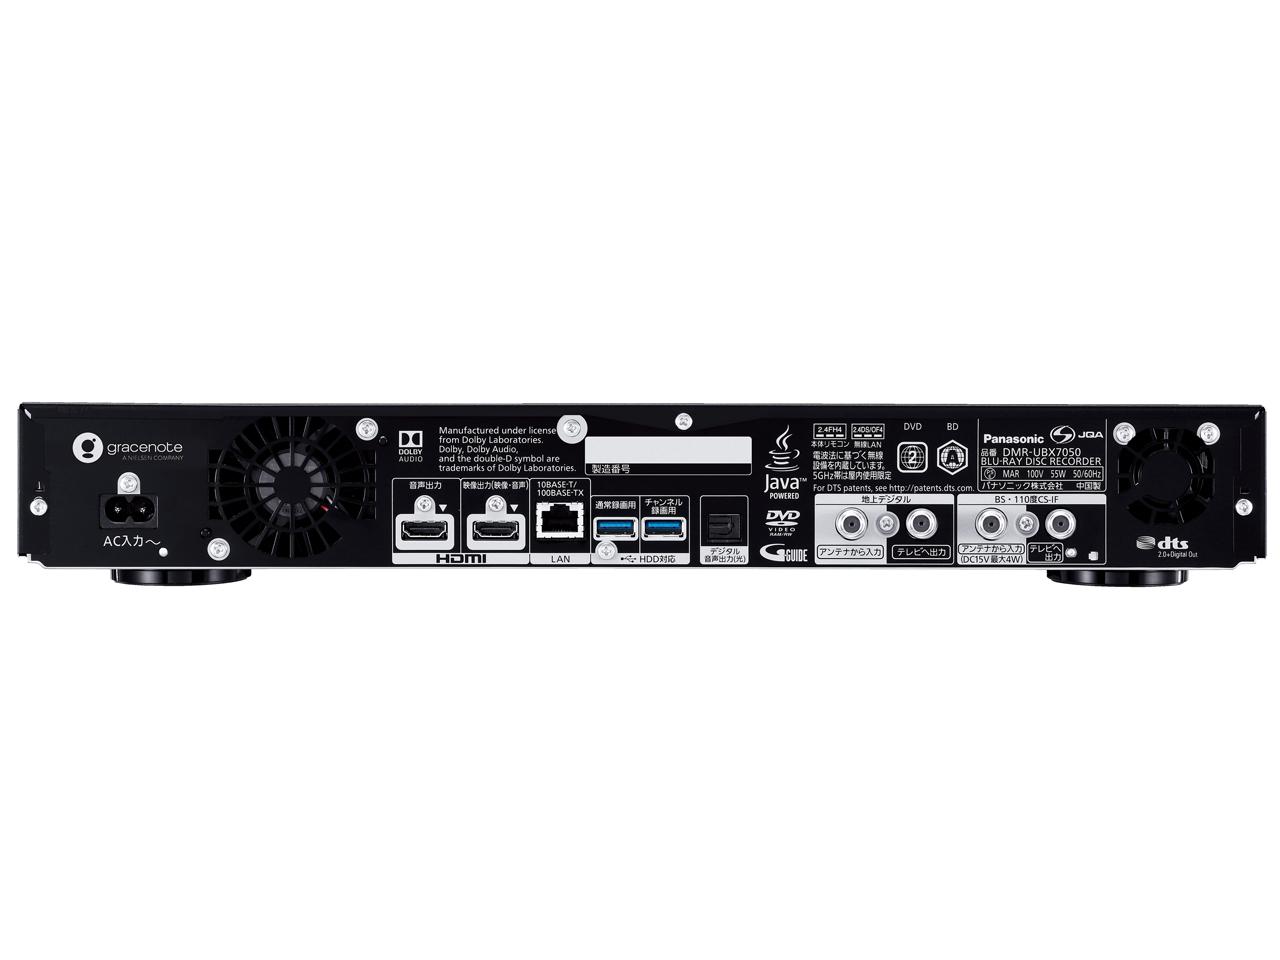 『本体 接続部分』 おうちクラウドディーガ DMR-UBX7050 の製品画像